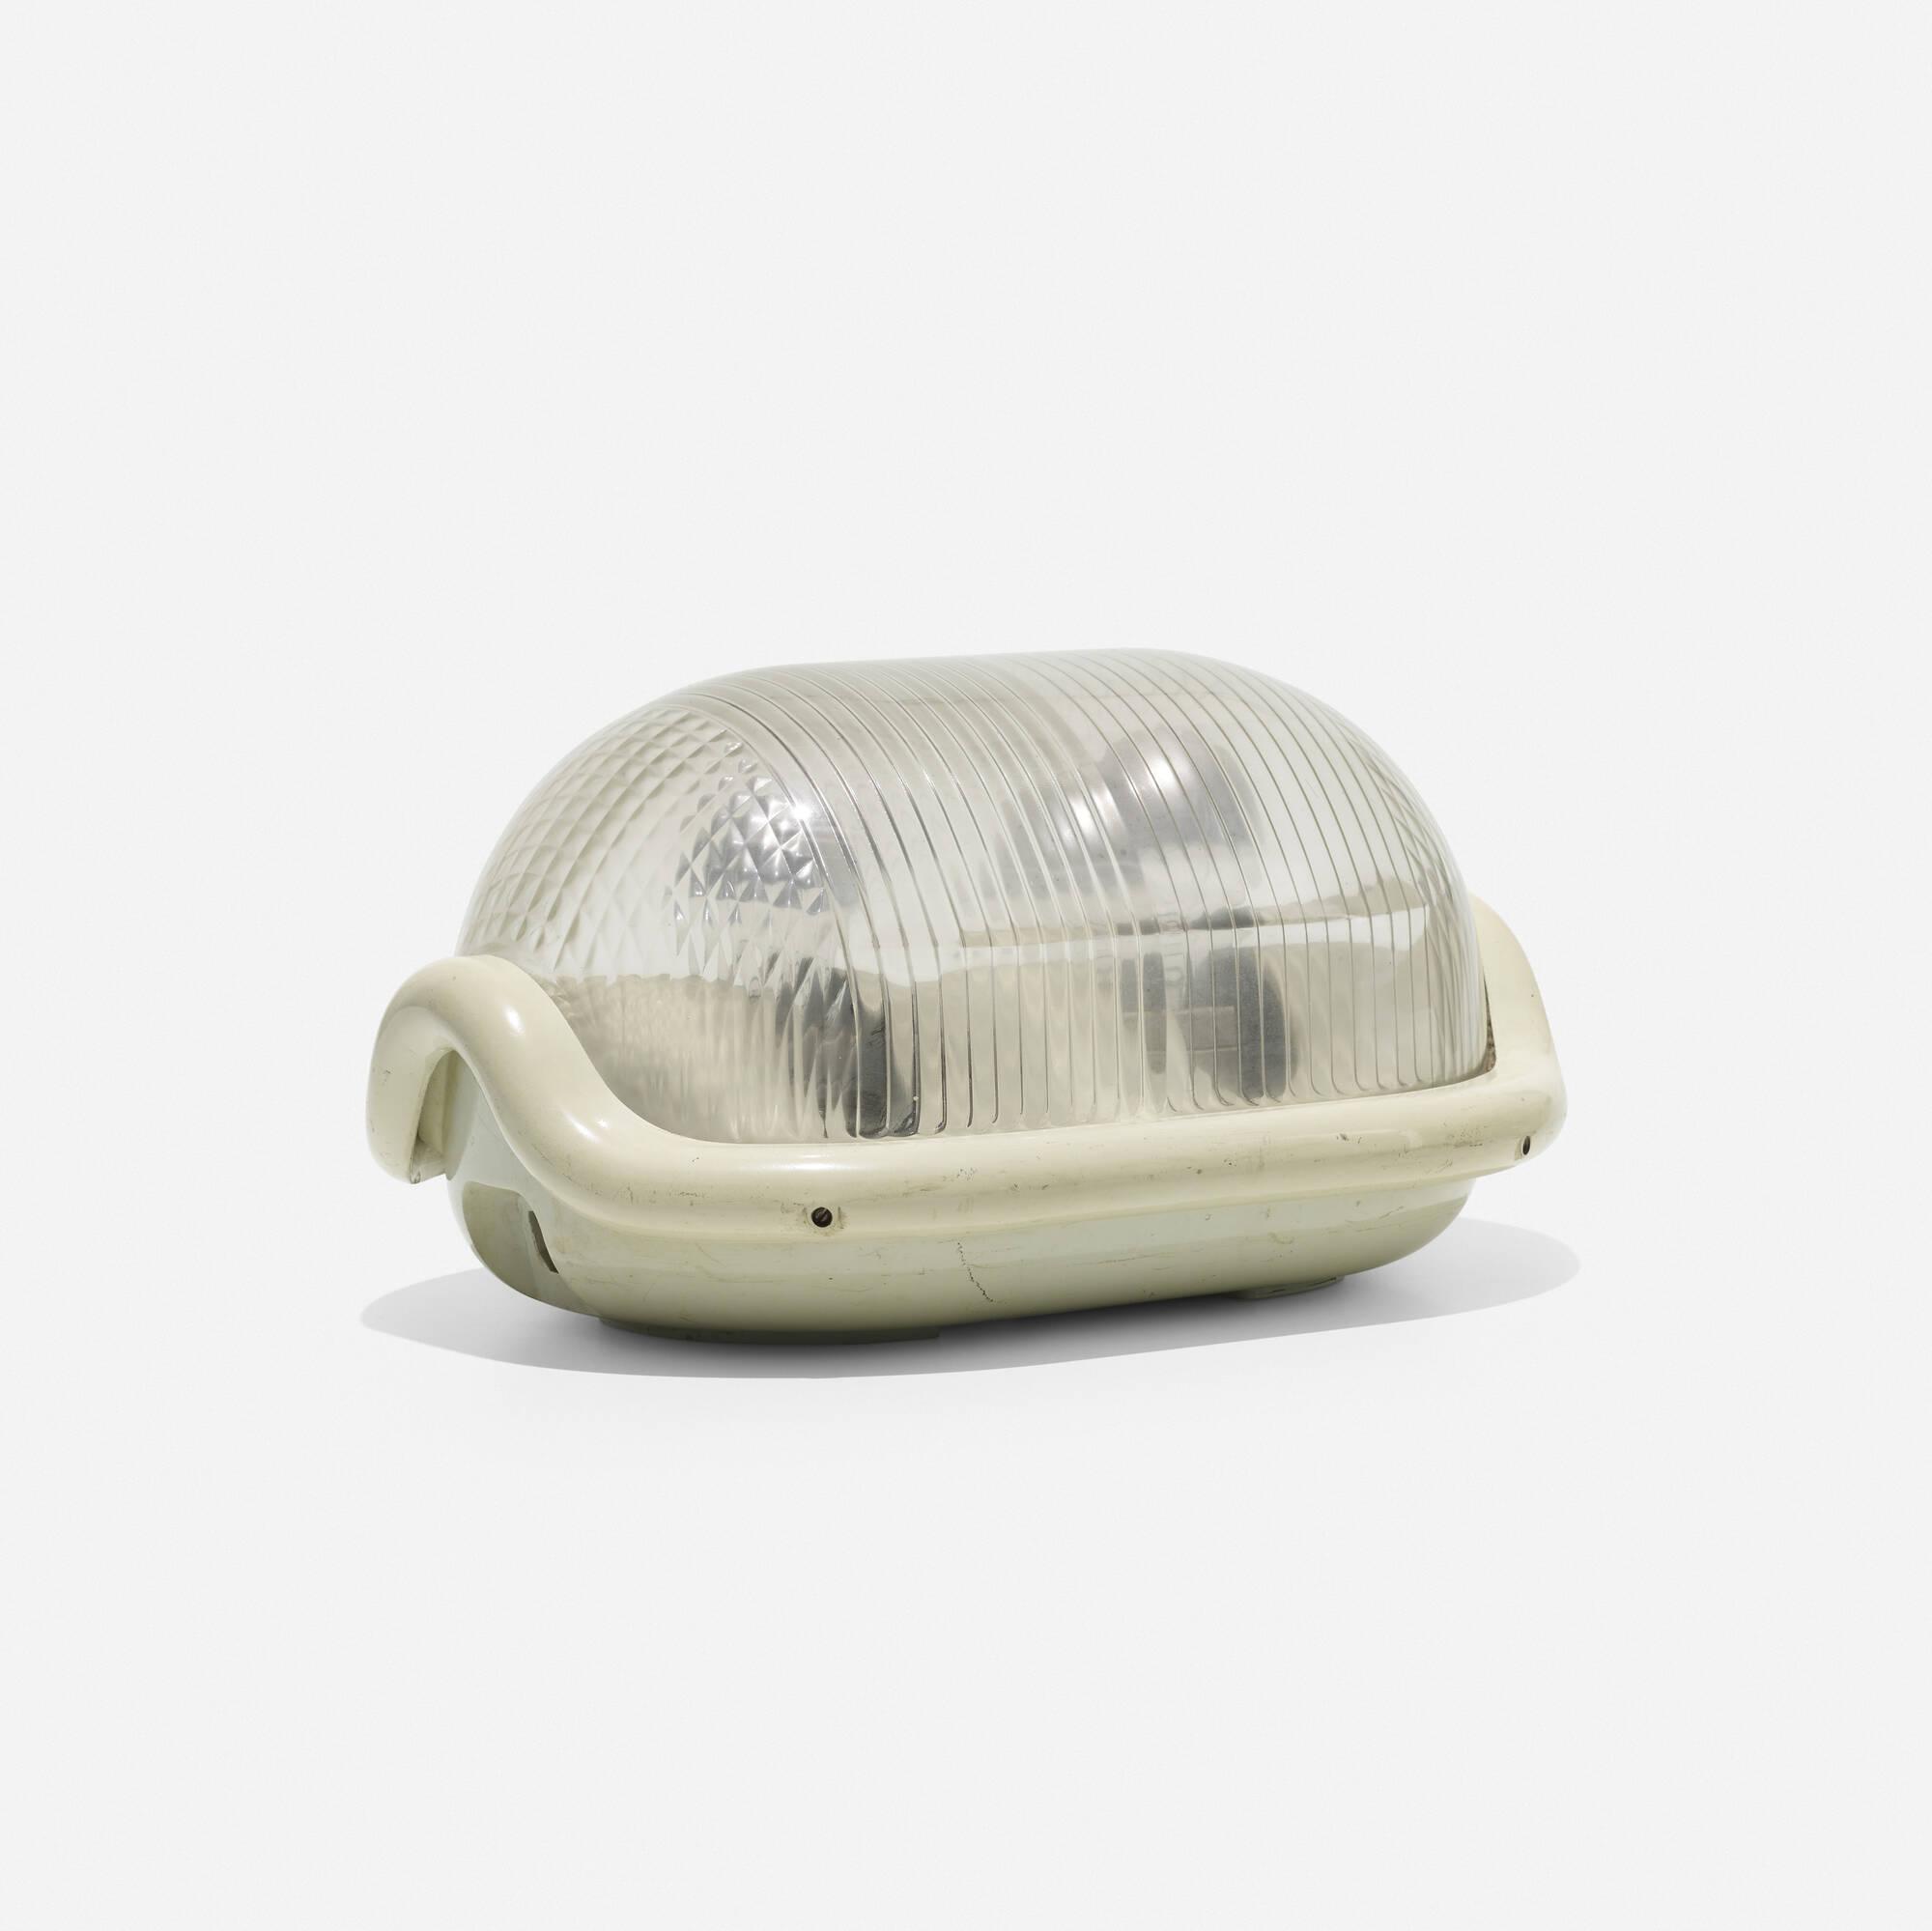 227: Achille Castiglioni / Noce lamp (1 of 2)